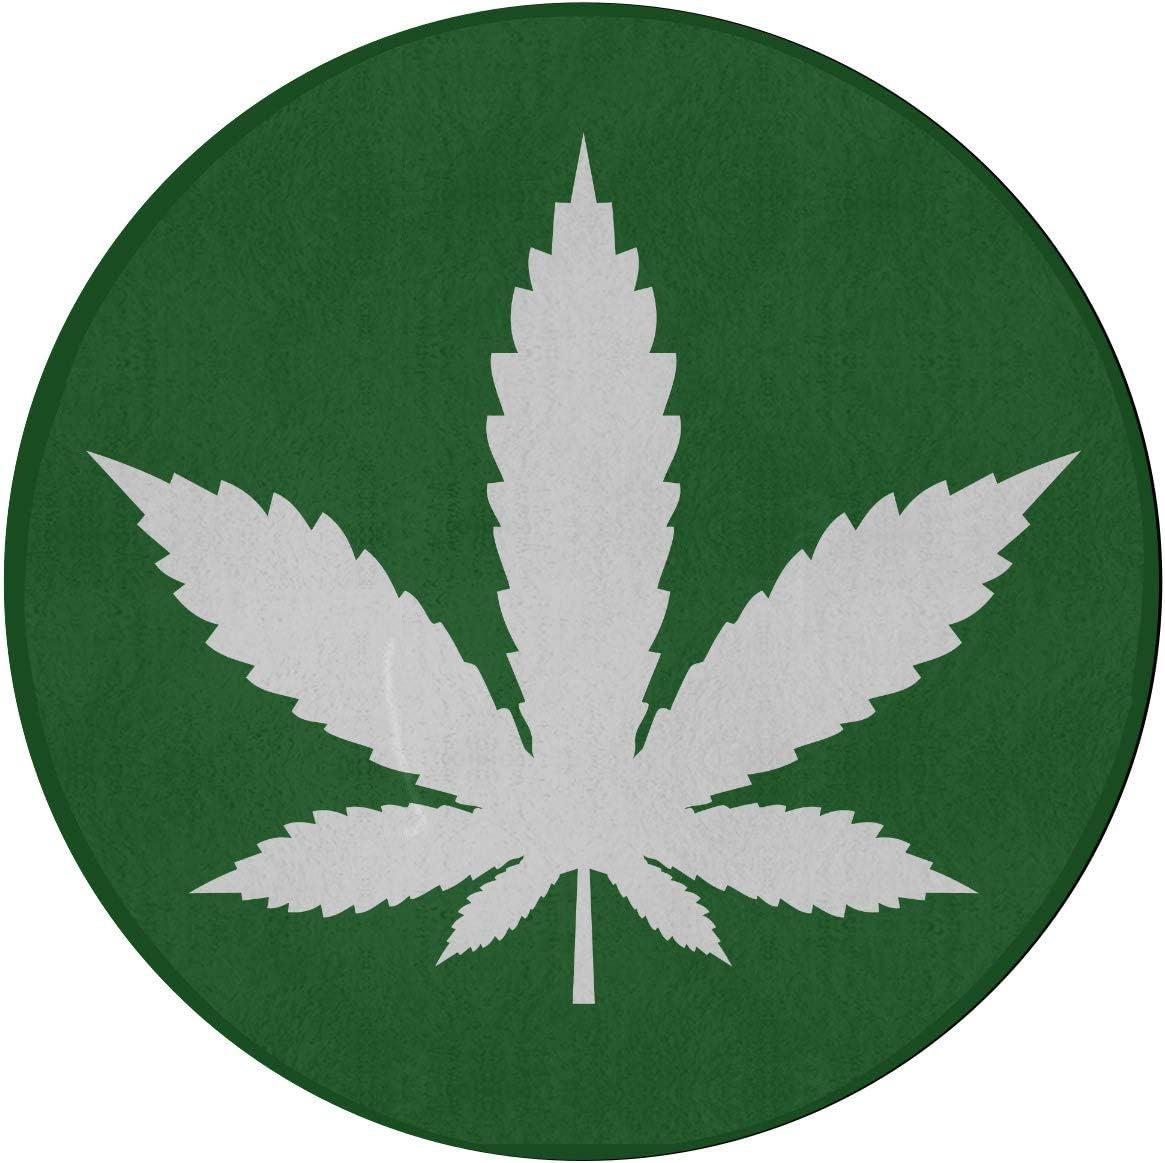 Alfombras para el dormitorio Icono de hoja de marihuana Icono de cannabis Vector Alfombra de dormitorio Alfombrilla redonda de 2 pies Microfibra antideslizante Lavable a máquina Alfombra de dormitori